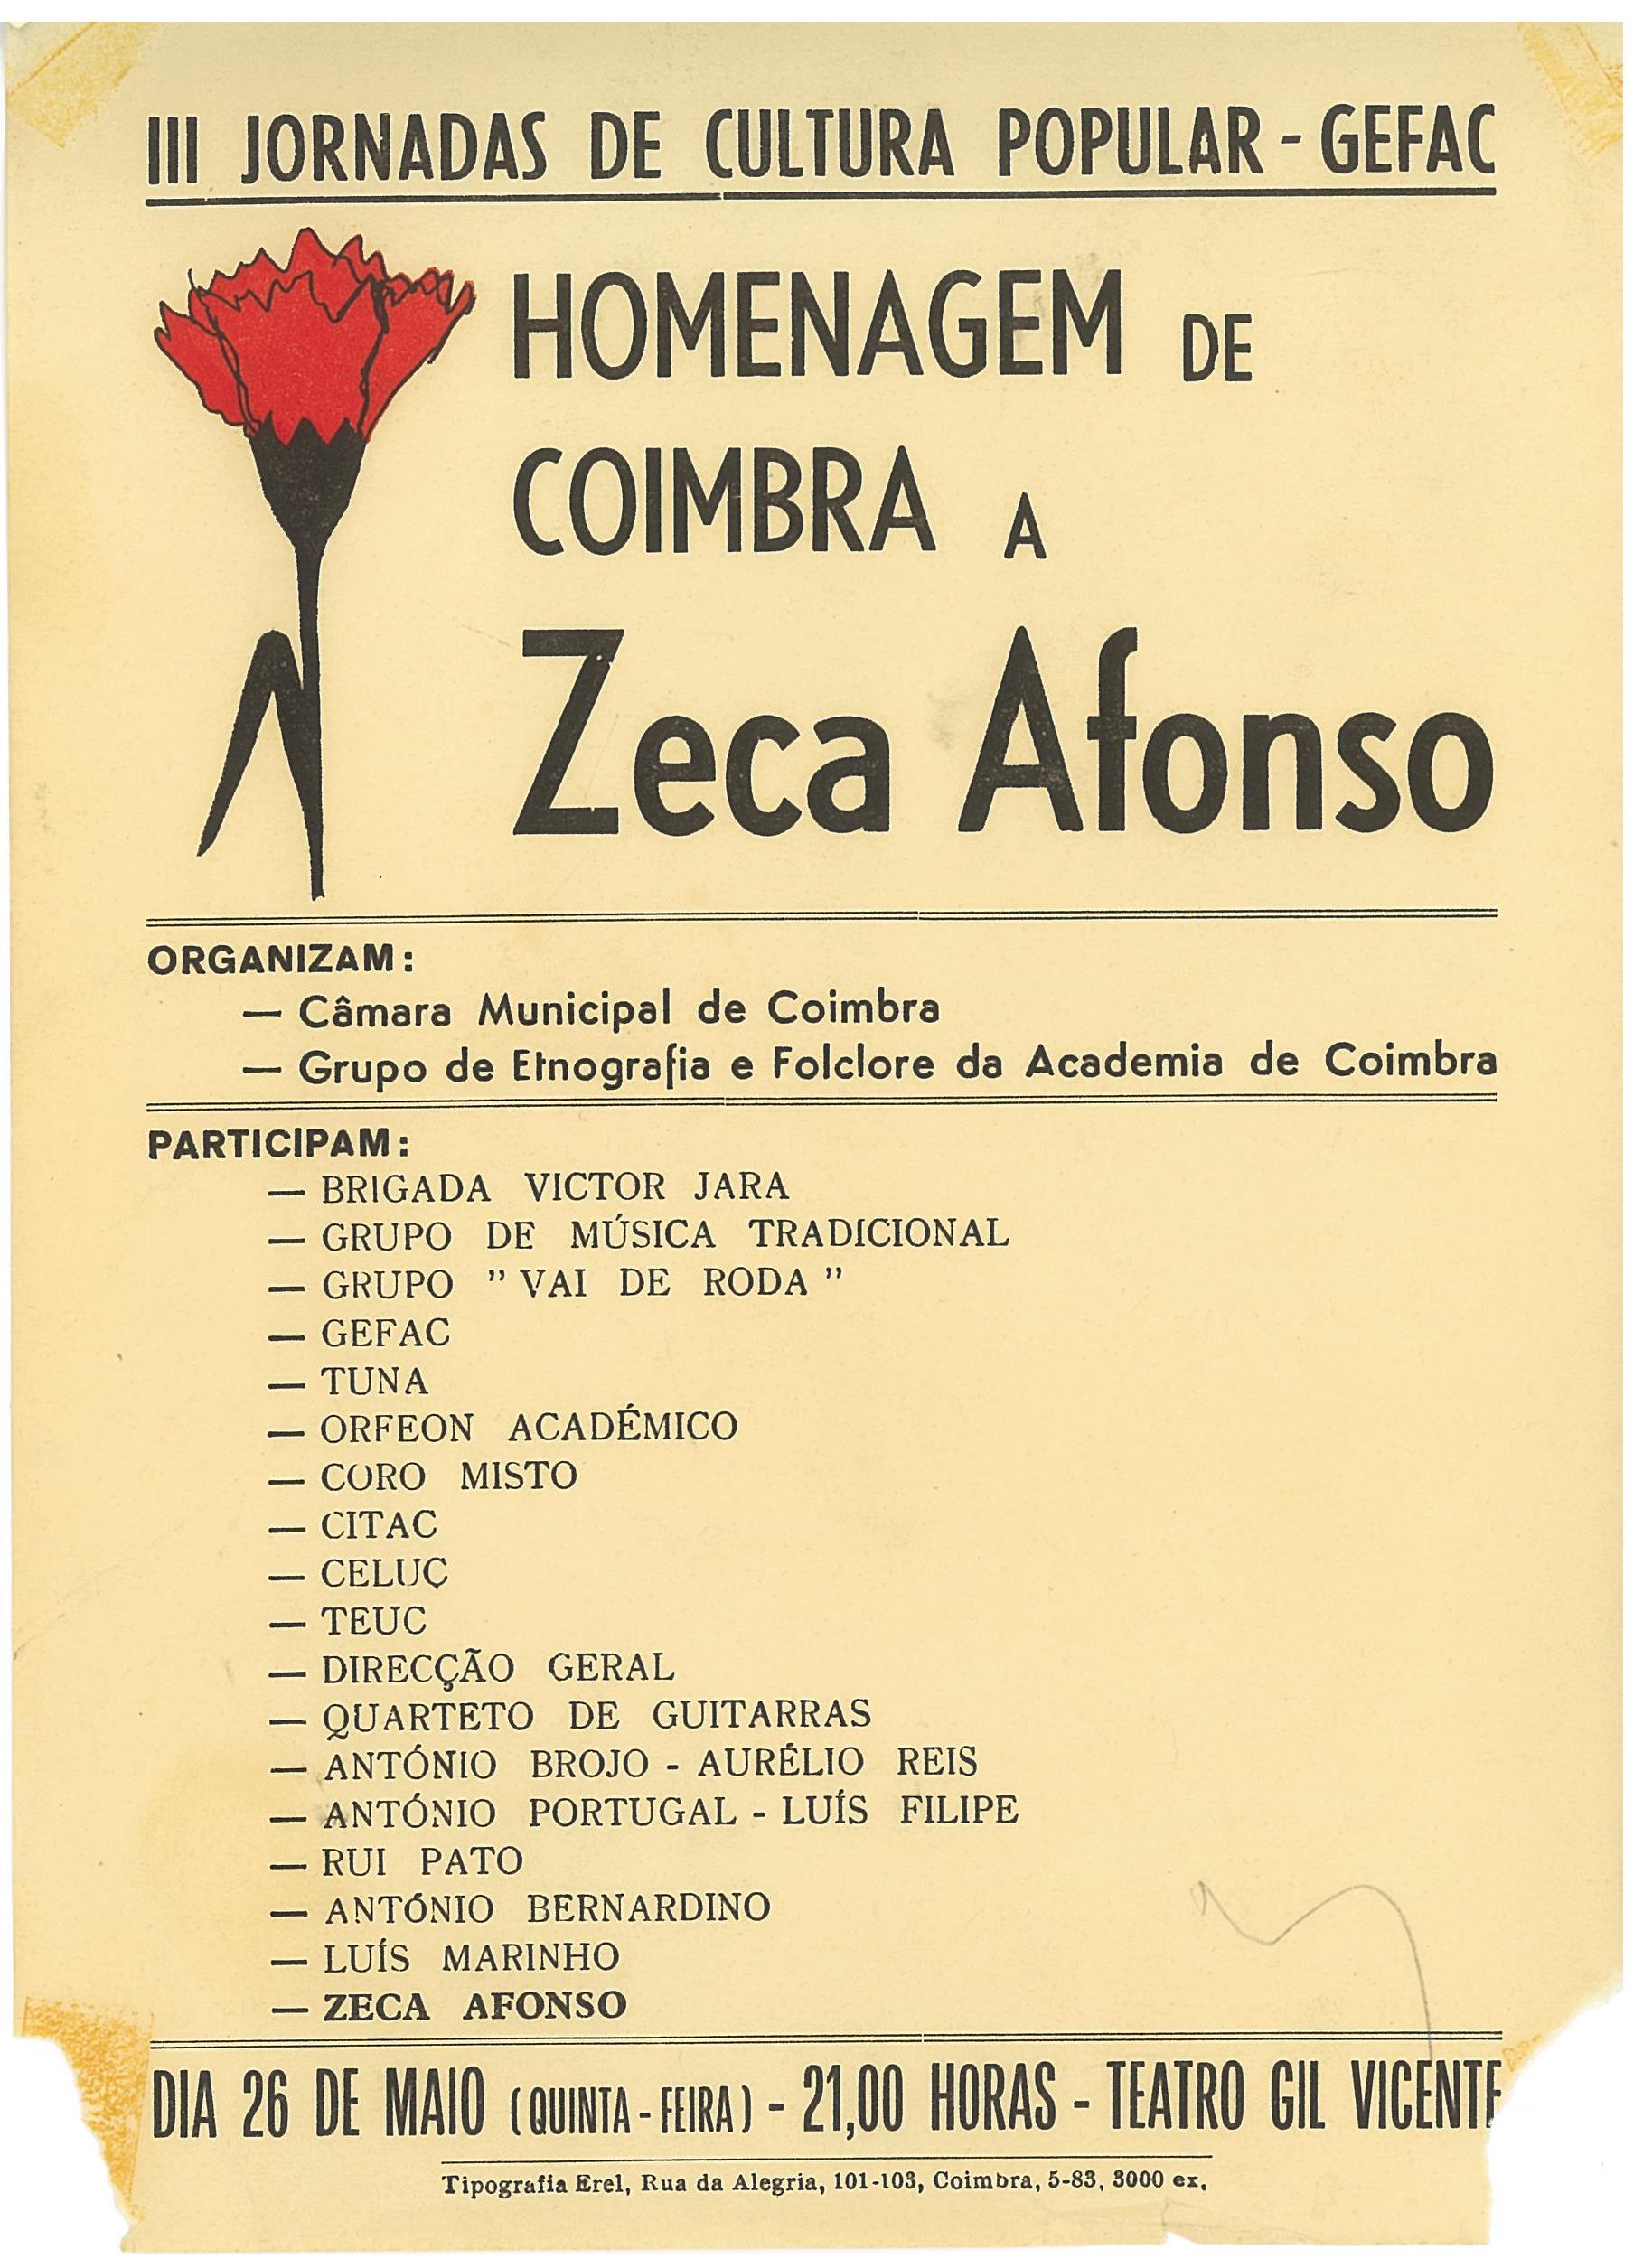 1983_III Jornadas de Cultura Popular _ Homenagem a Zeca Afonso